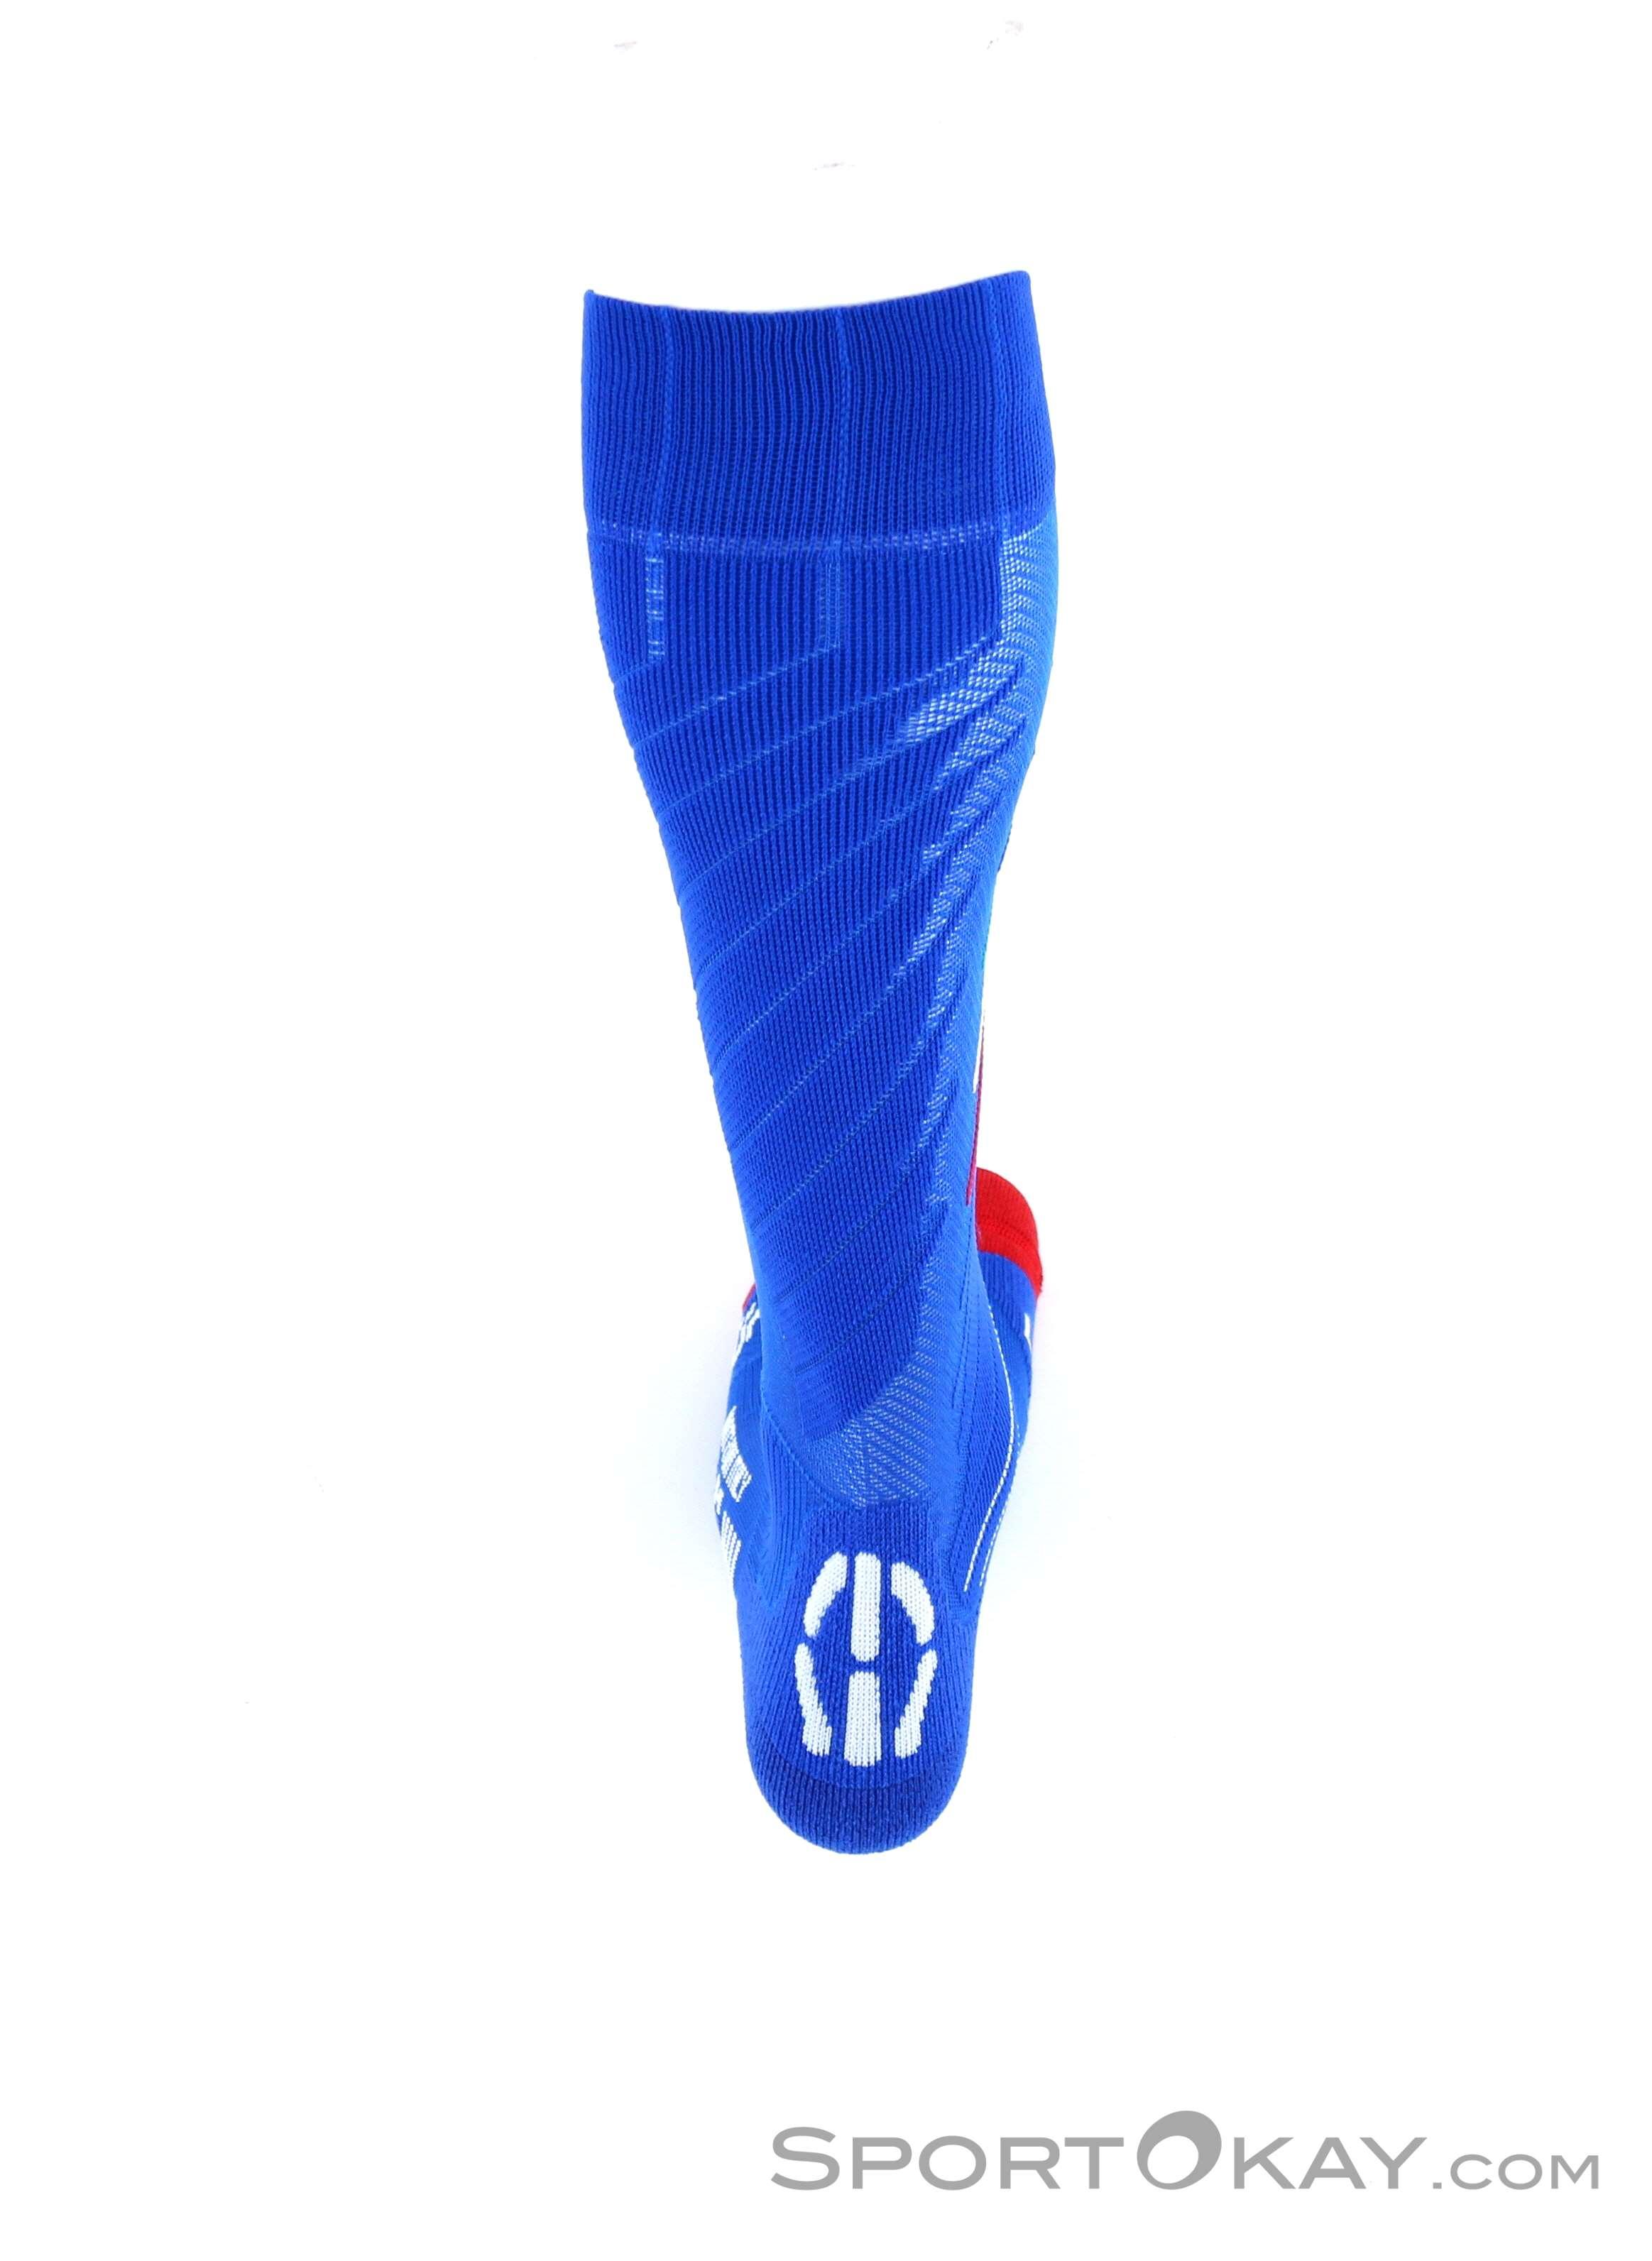 uyn calze sci  UYN Natyon Calze da Sci - Calze - Abbigliamento Outdoor - Outdoor ...